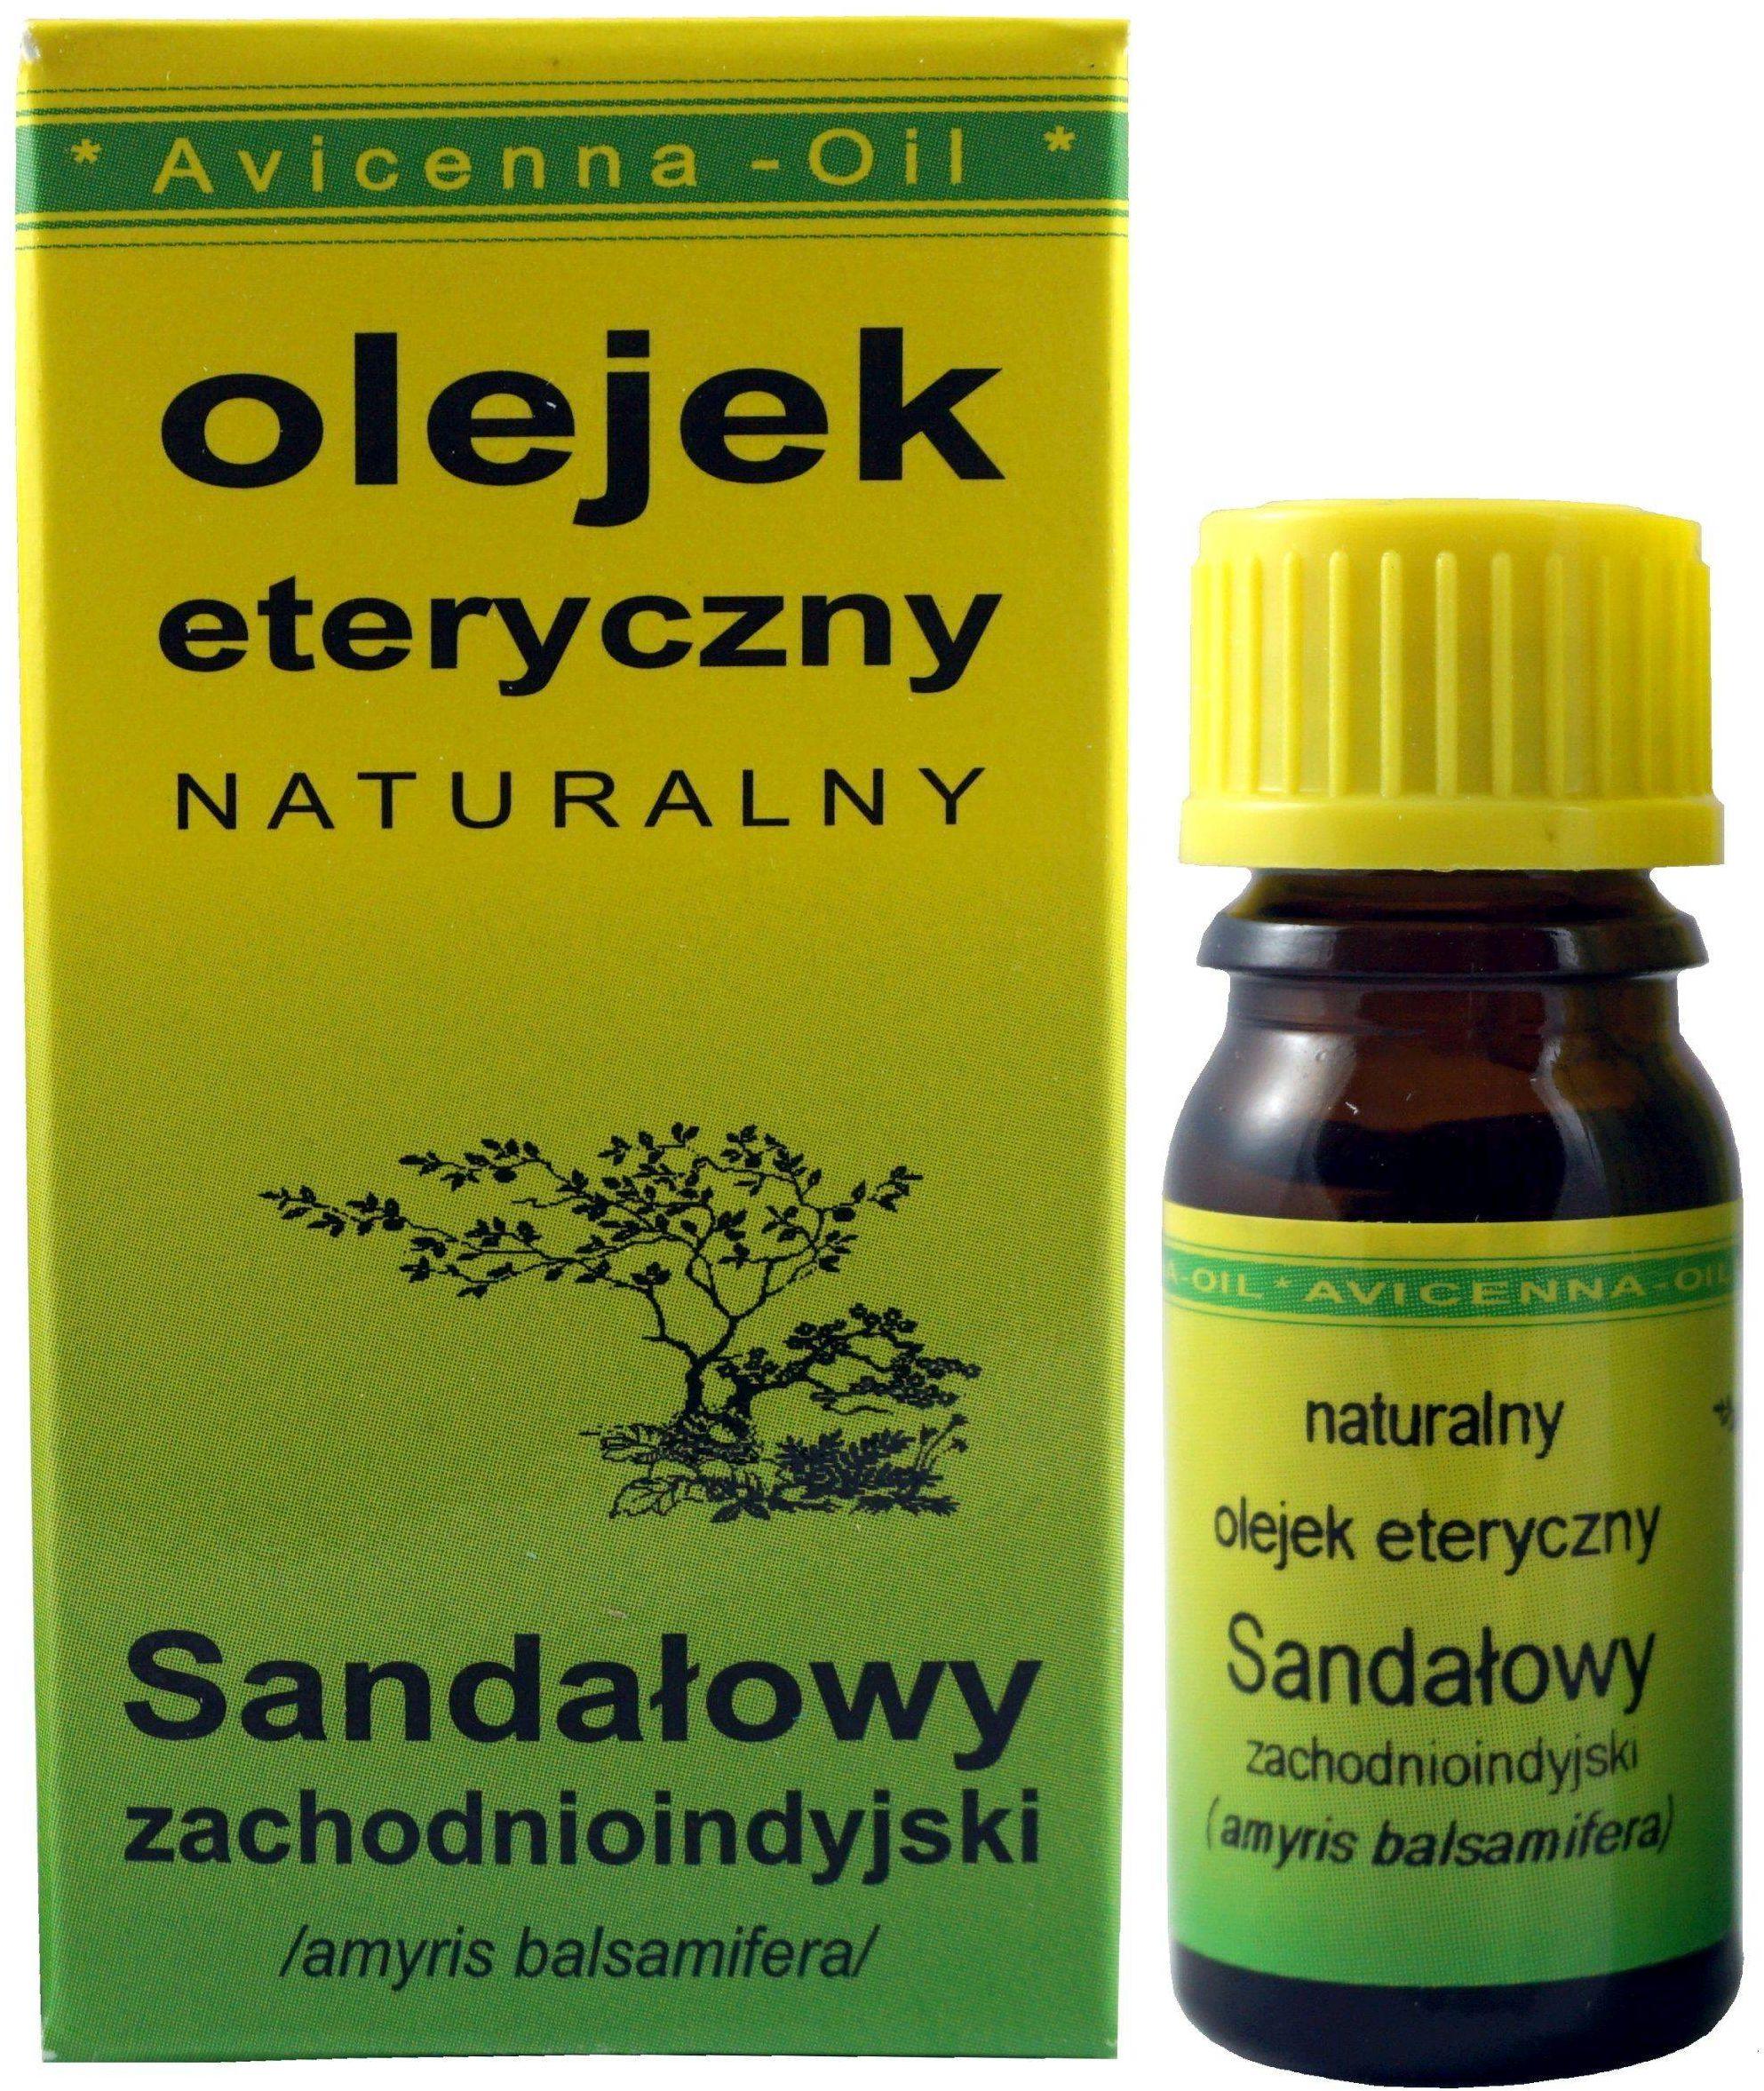 Olejek eteryczny Sandałowy - 7ml - Avicenna Oil